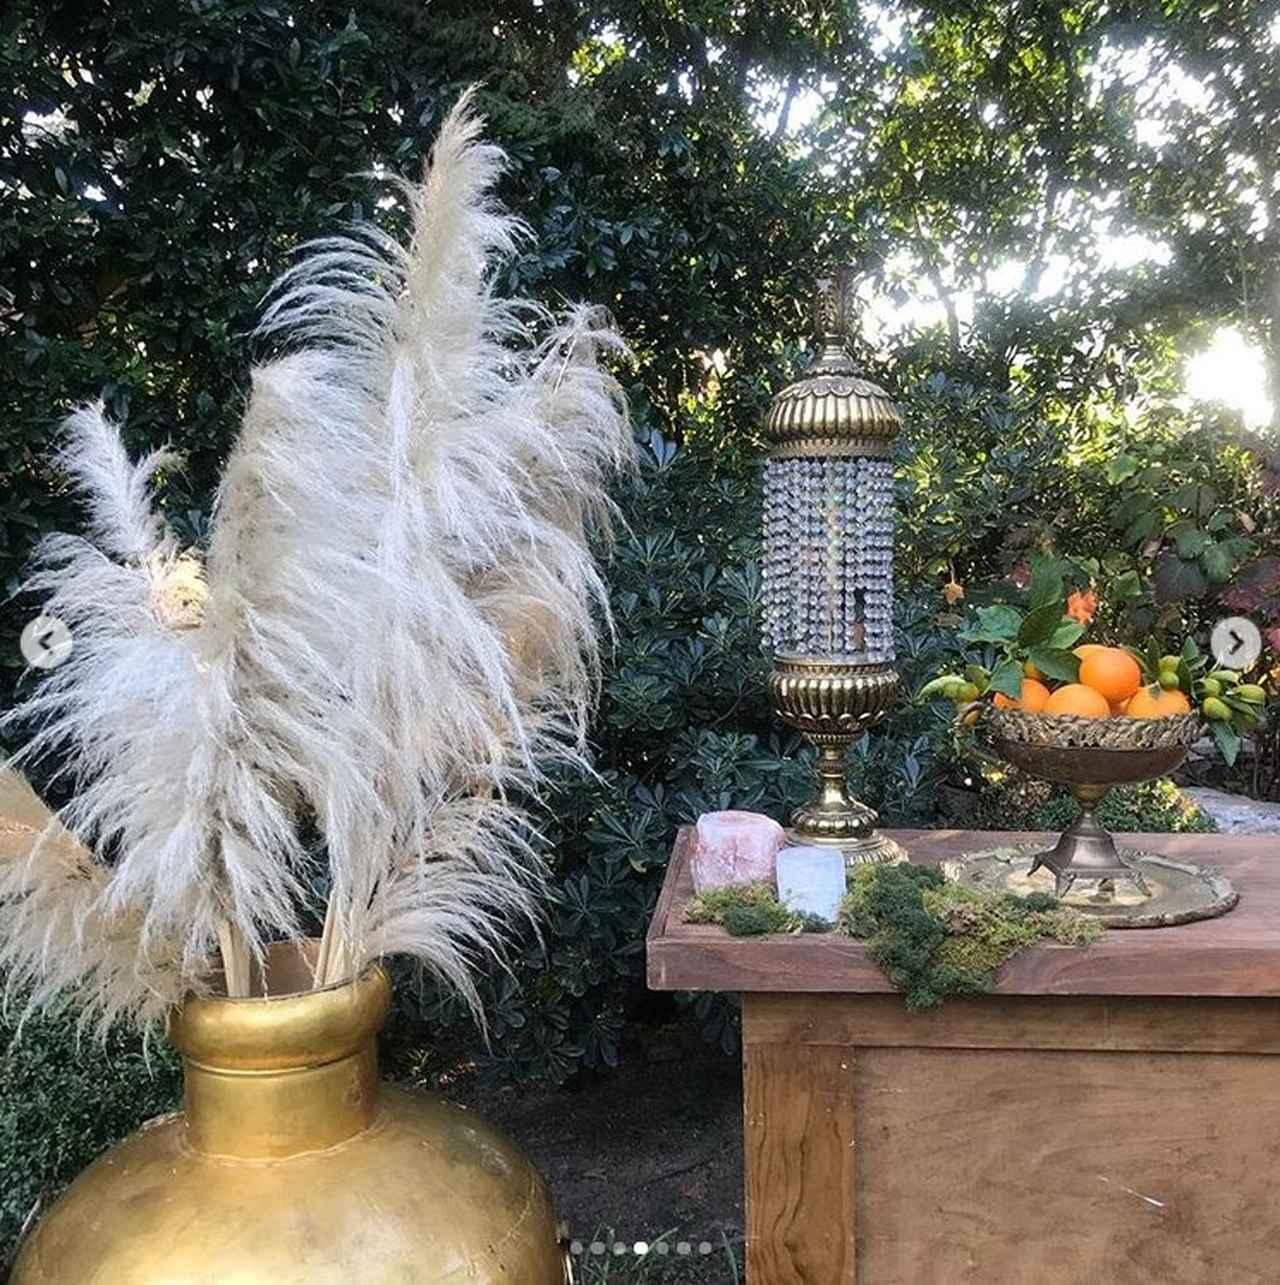 画像4: ヴァネッサ・ハジェンズの誕生会がまるで『ロード・オブ・ザ・リング』の世界